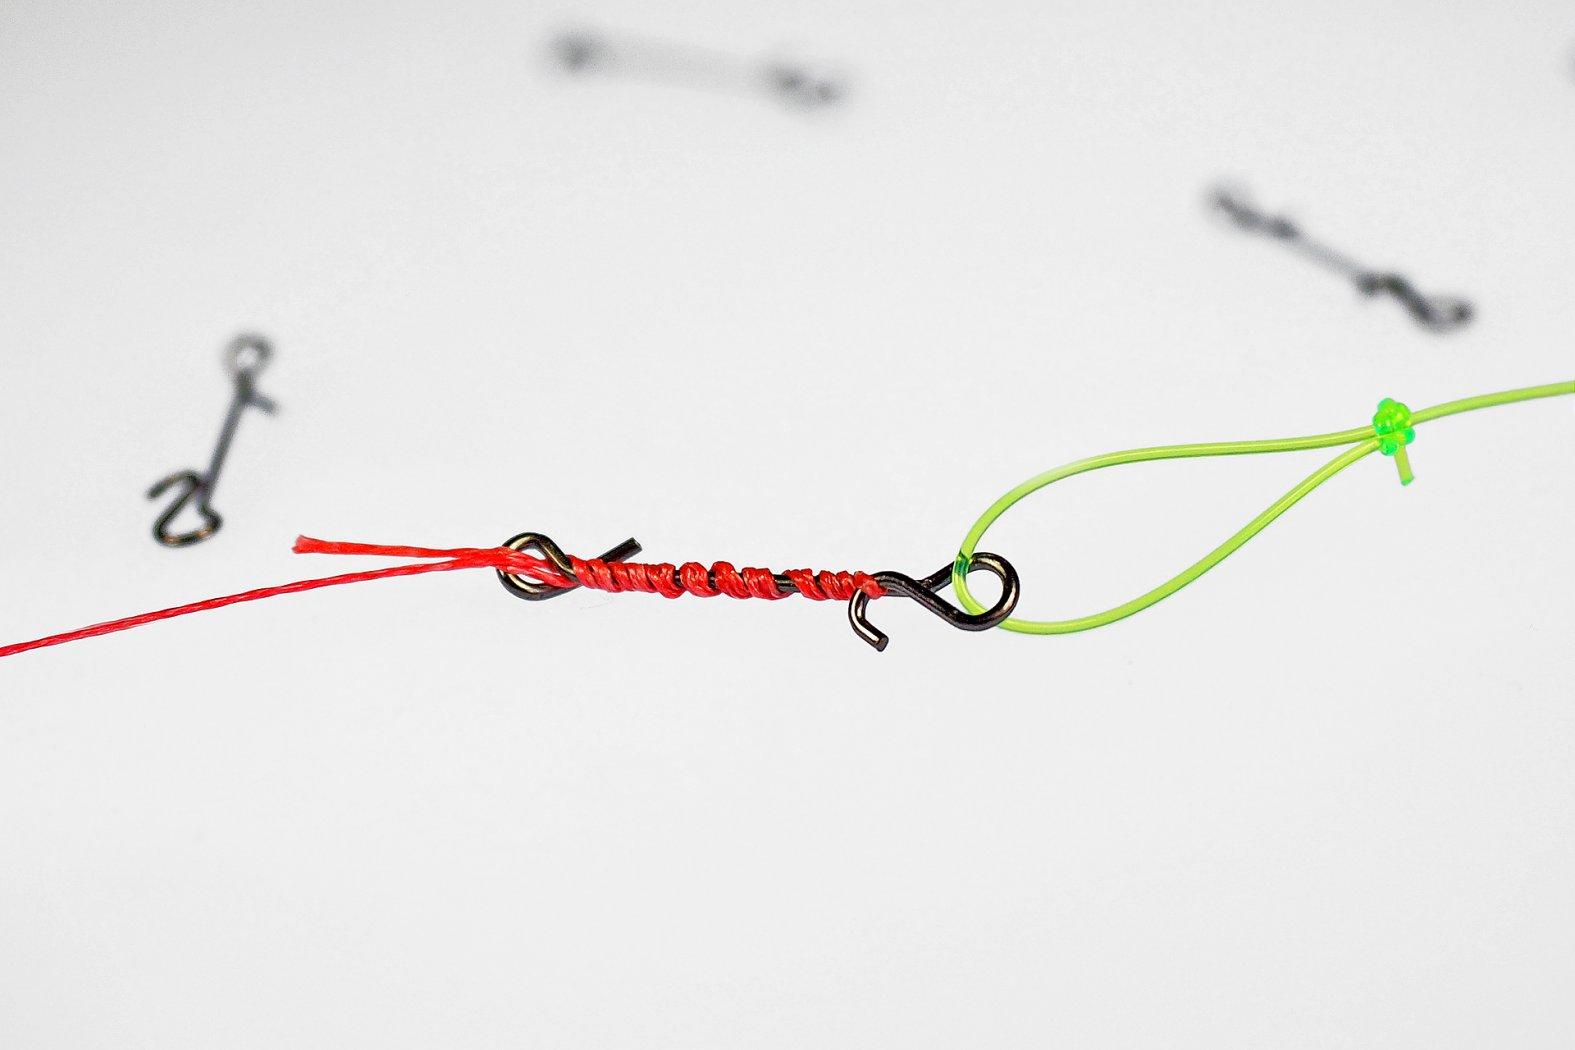 Knotenlos-Verbinder | DR. CATCH - besser angeln!